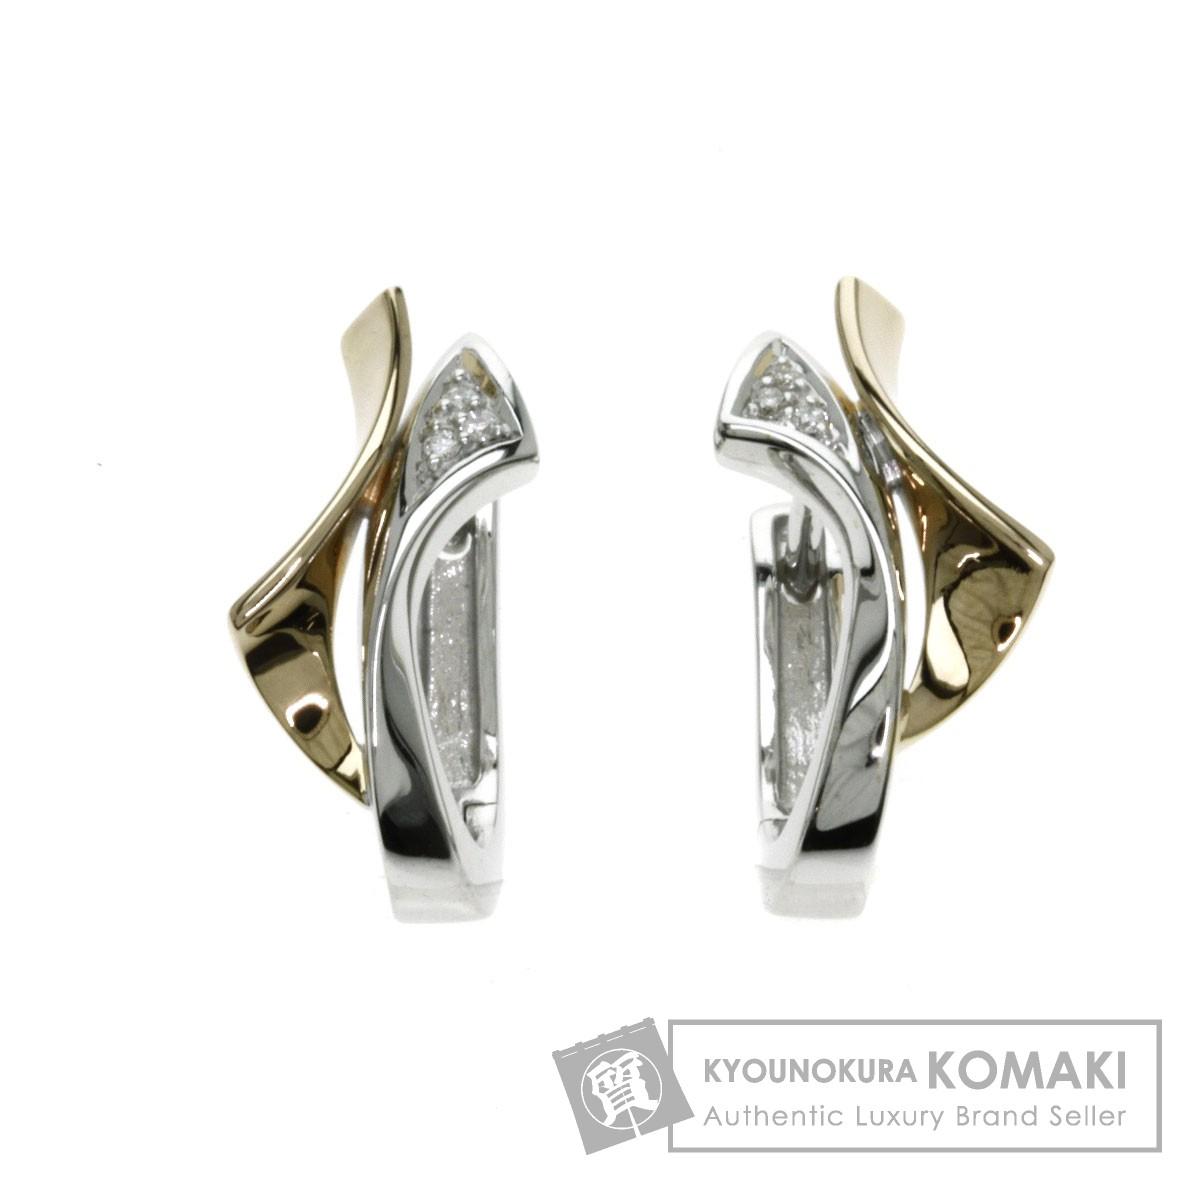 0.02ct ダイヤモンド ピアス K18イエローゴールド/K18WG 4.4g レディース 【中古】